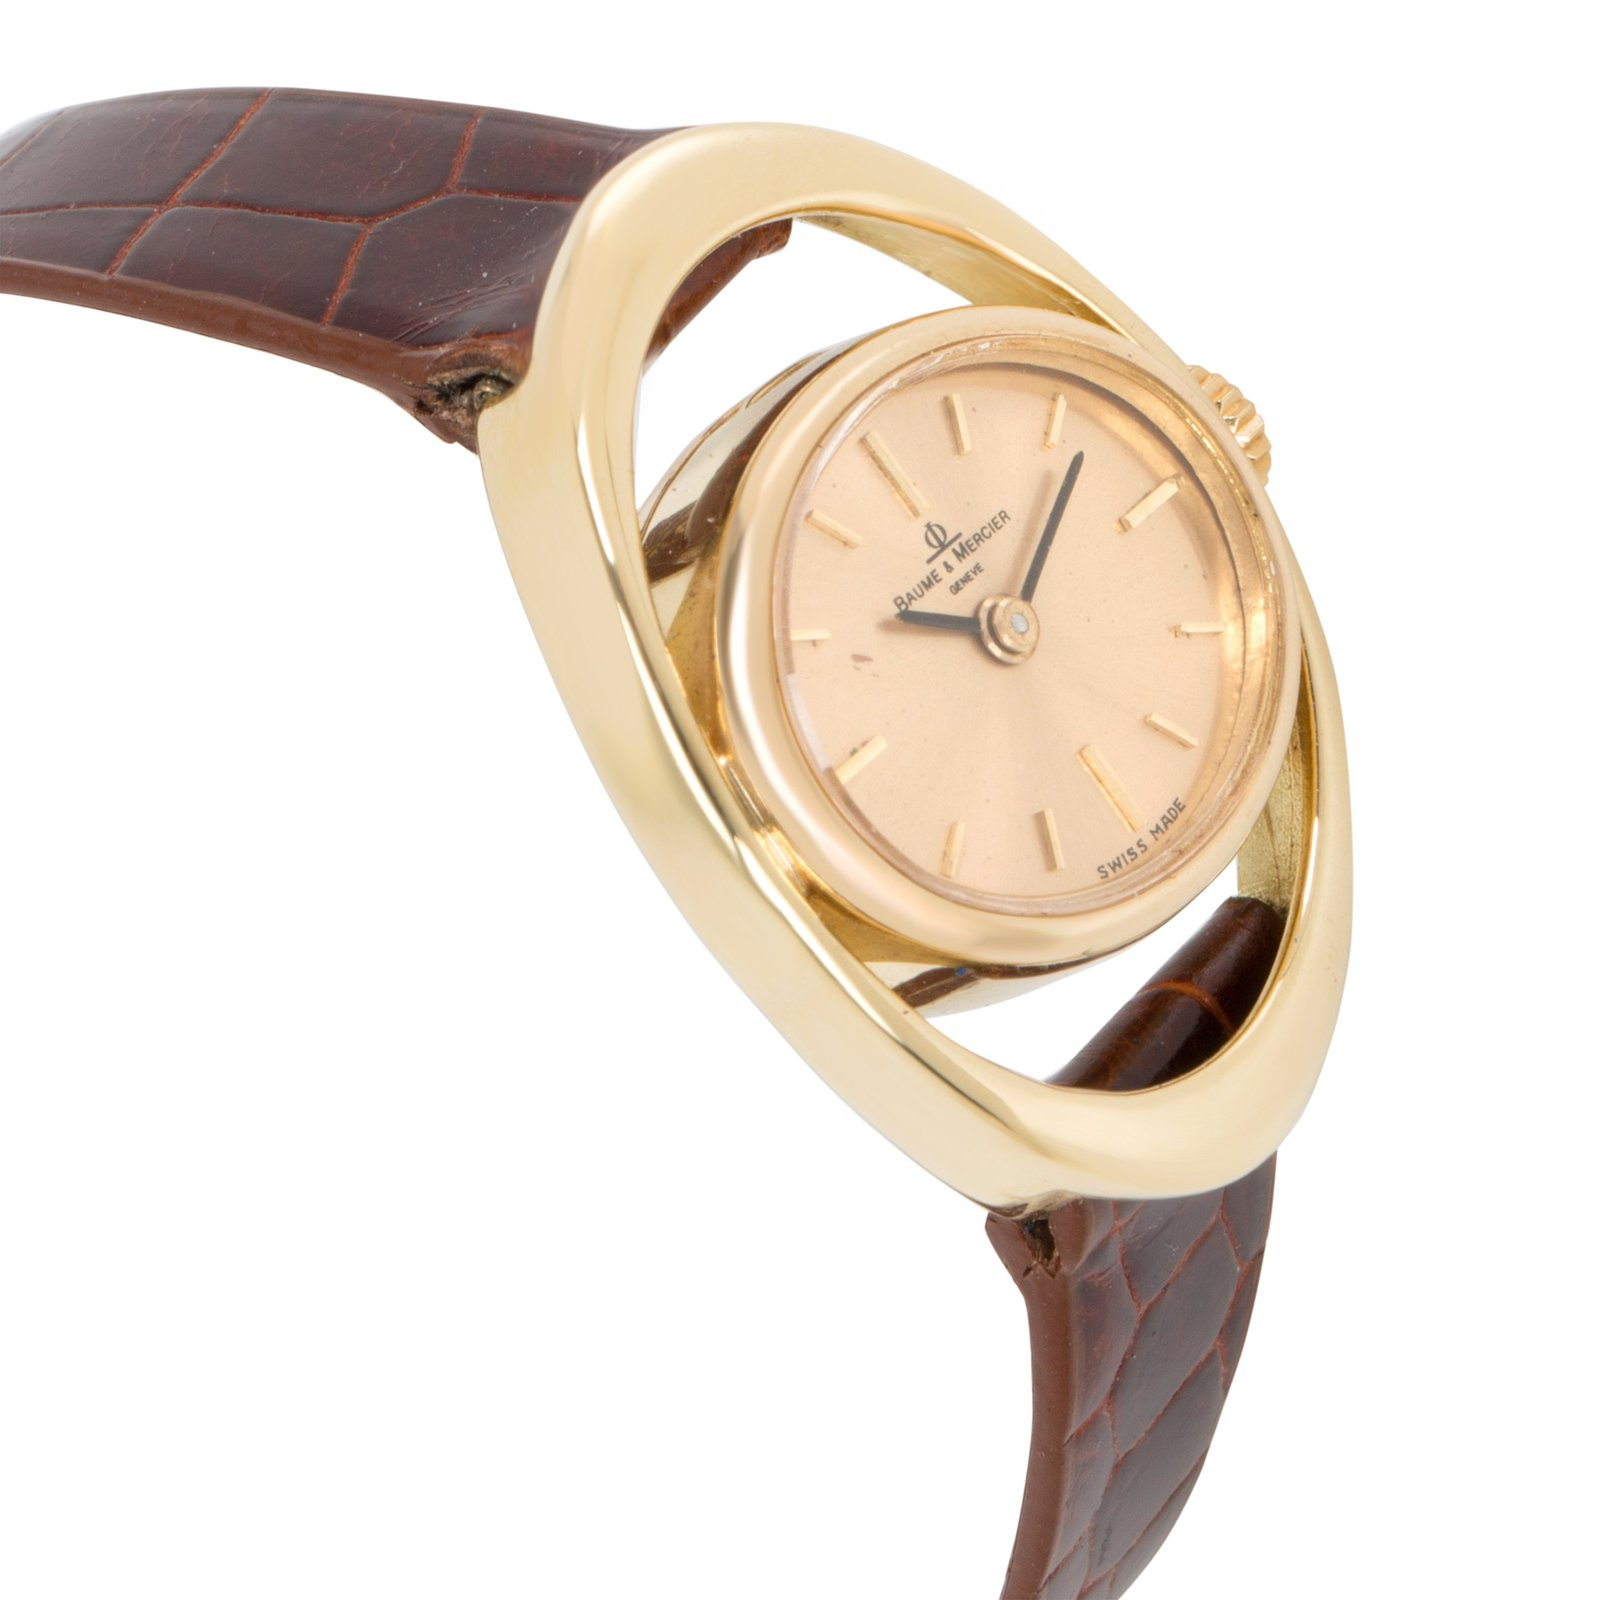 Baume & Mercier Vintage 36642.9 Ladies Watch in 18K Yellow Gold